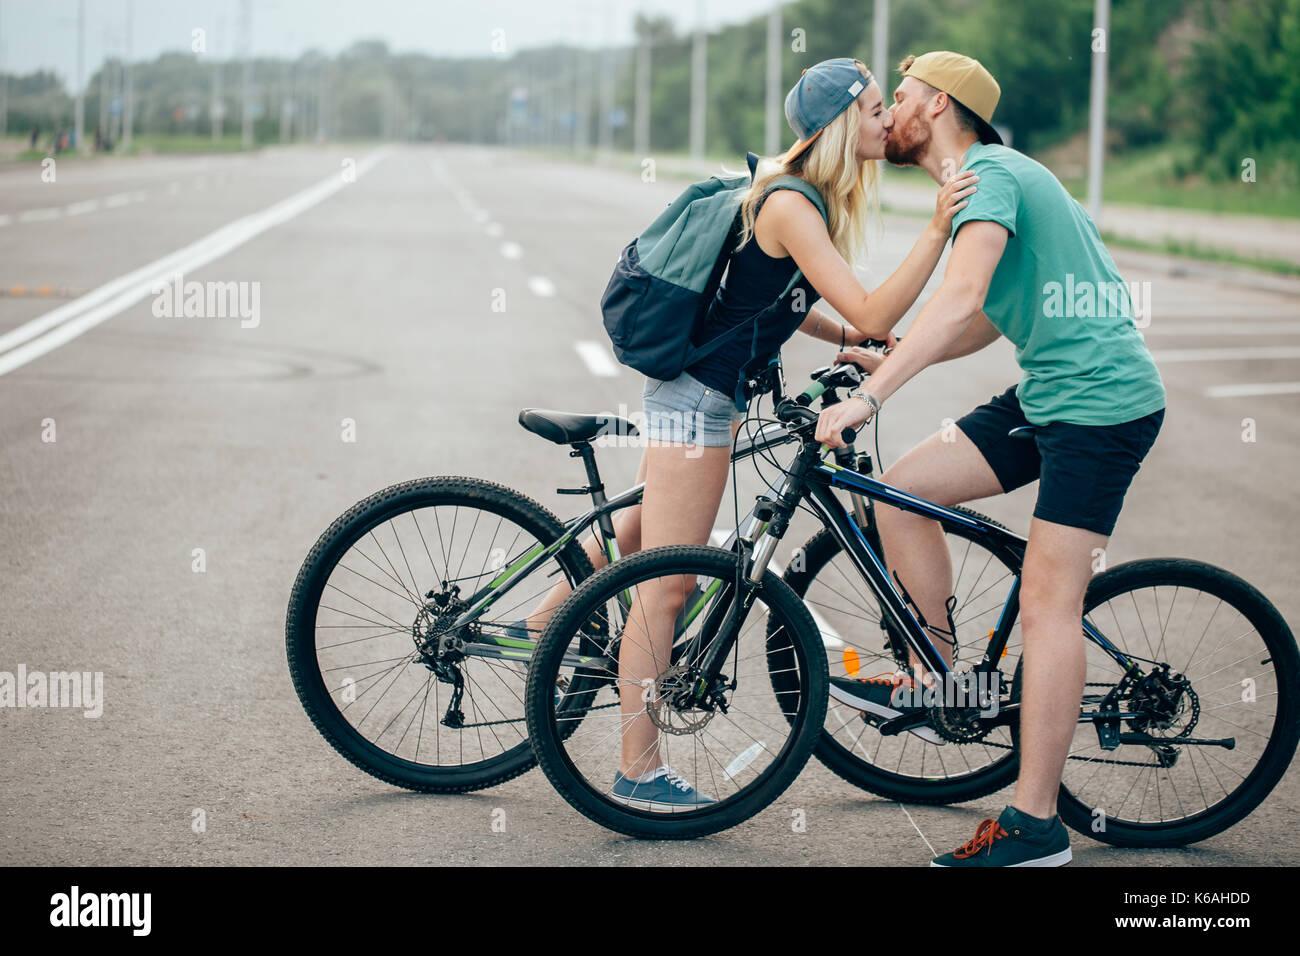 Bella giovane coppia ama camminare con le biciclette, baciare e avvolgente. Stare vicino alla bici. Il concetto di riposo attivo Immagini Stock